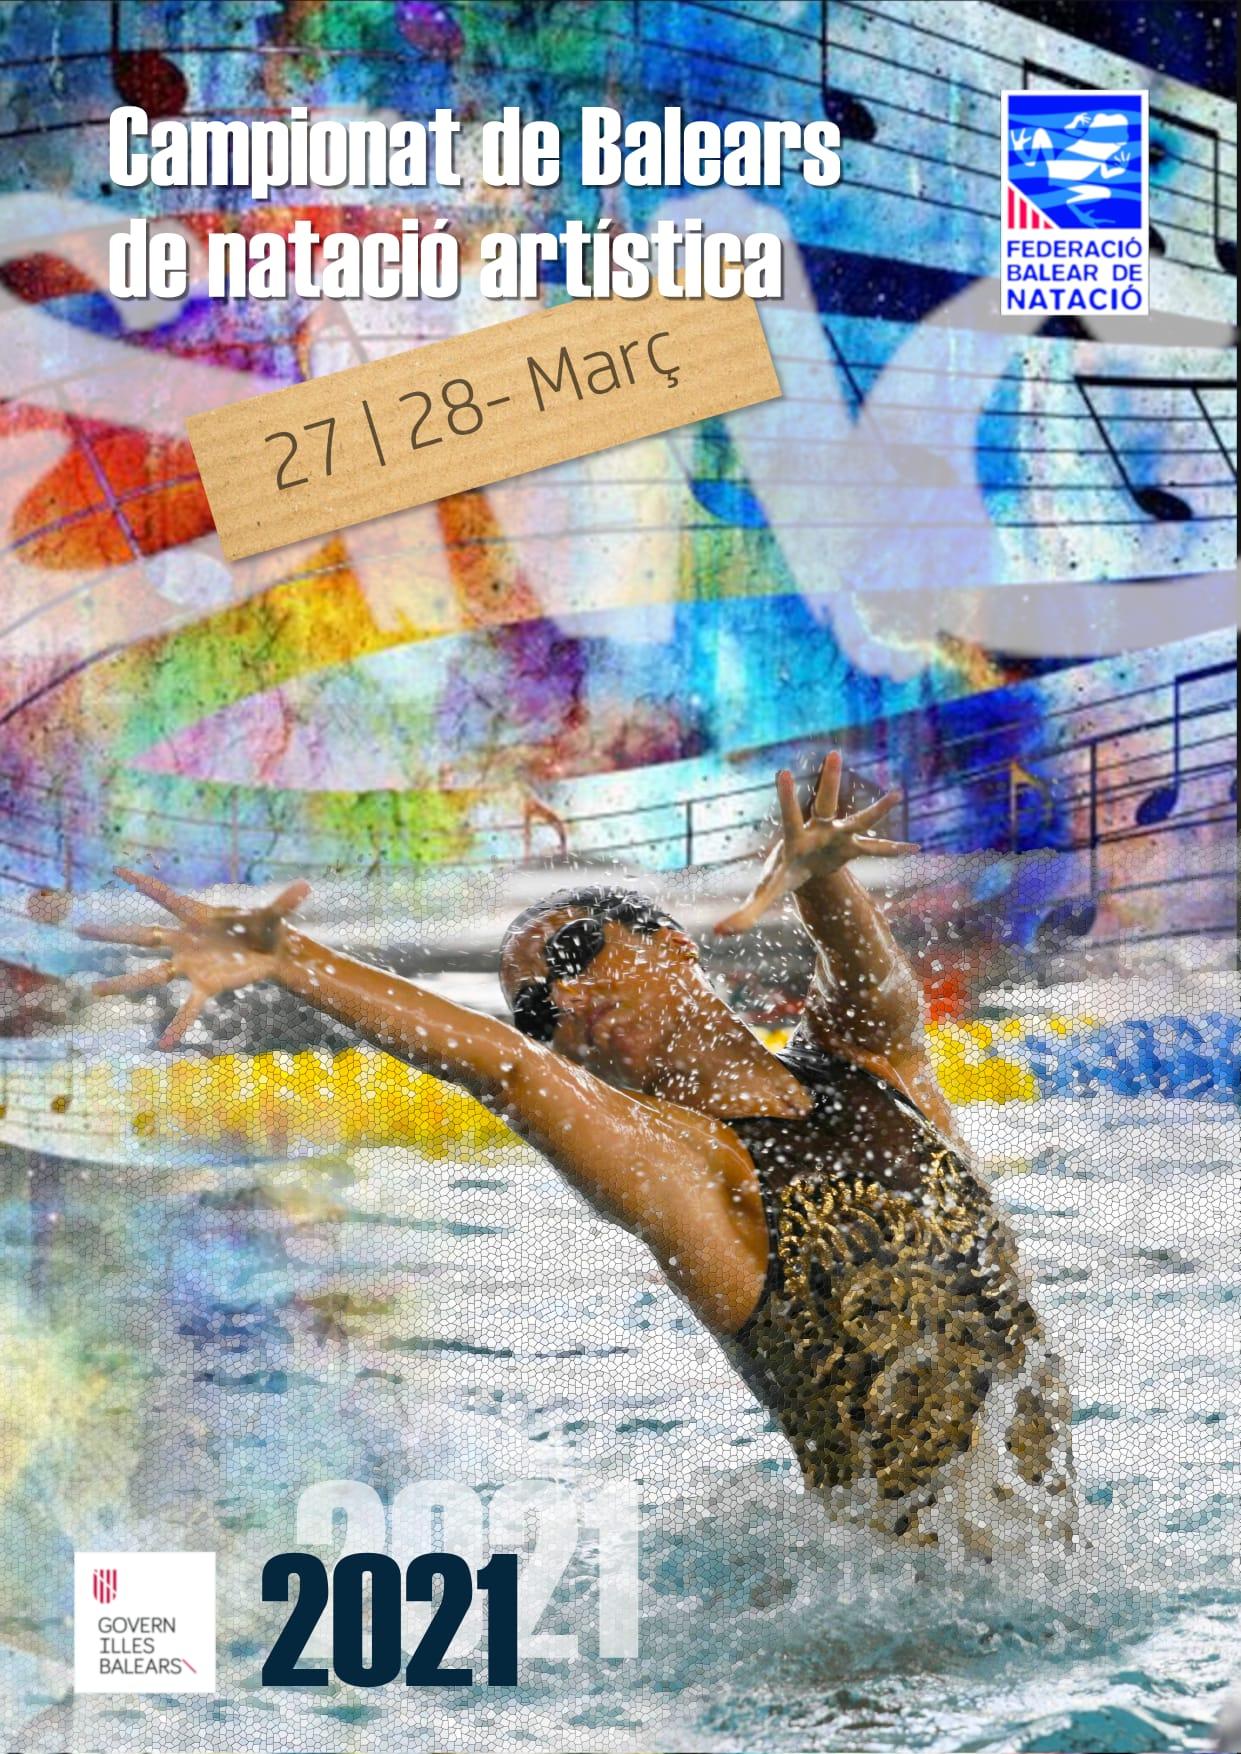 CTO. DE BALEARES DE INVIERNO DE NATACIÓN ARTÍSTICA